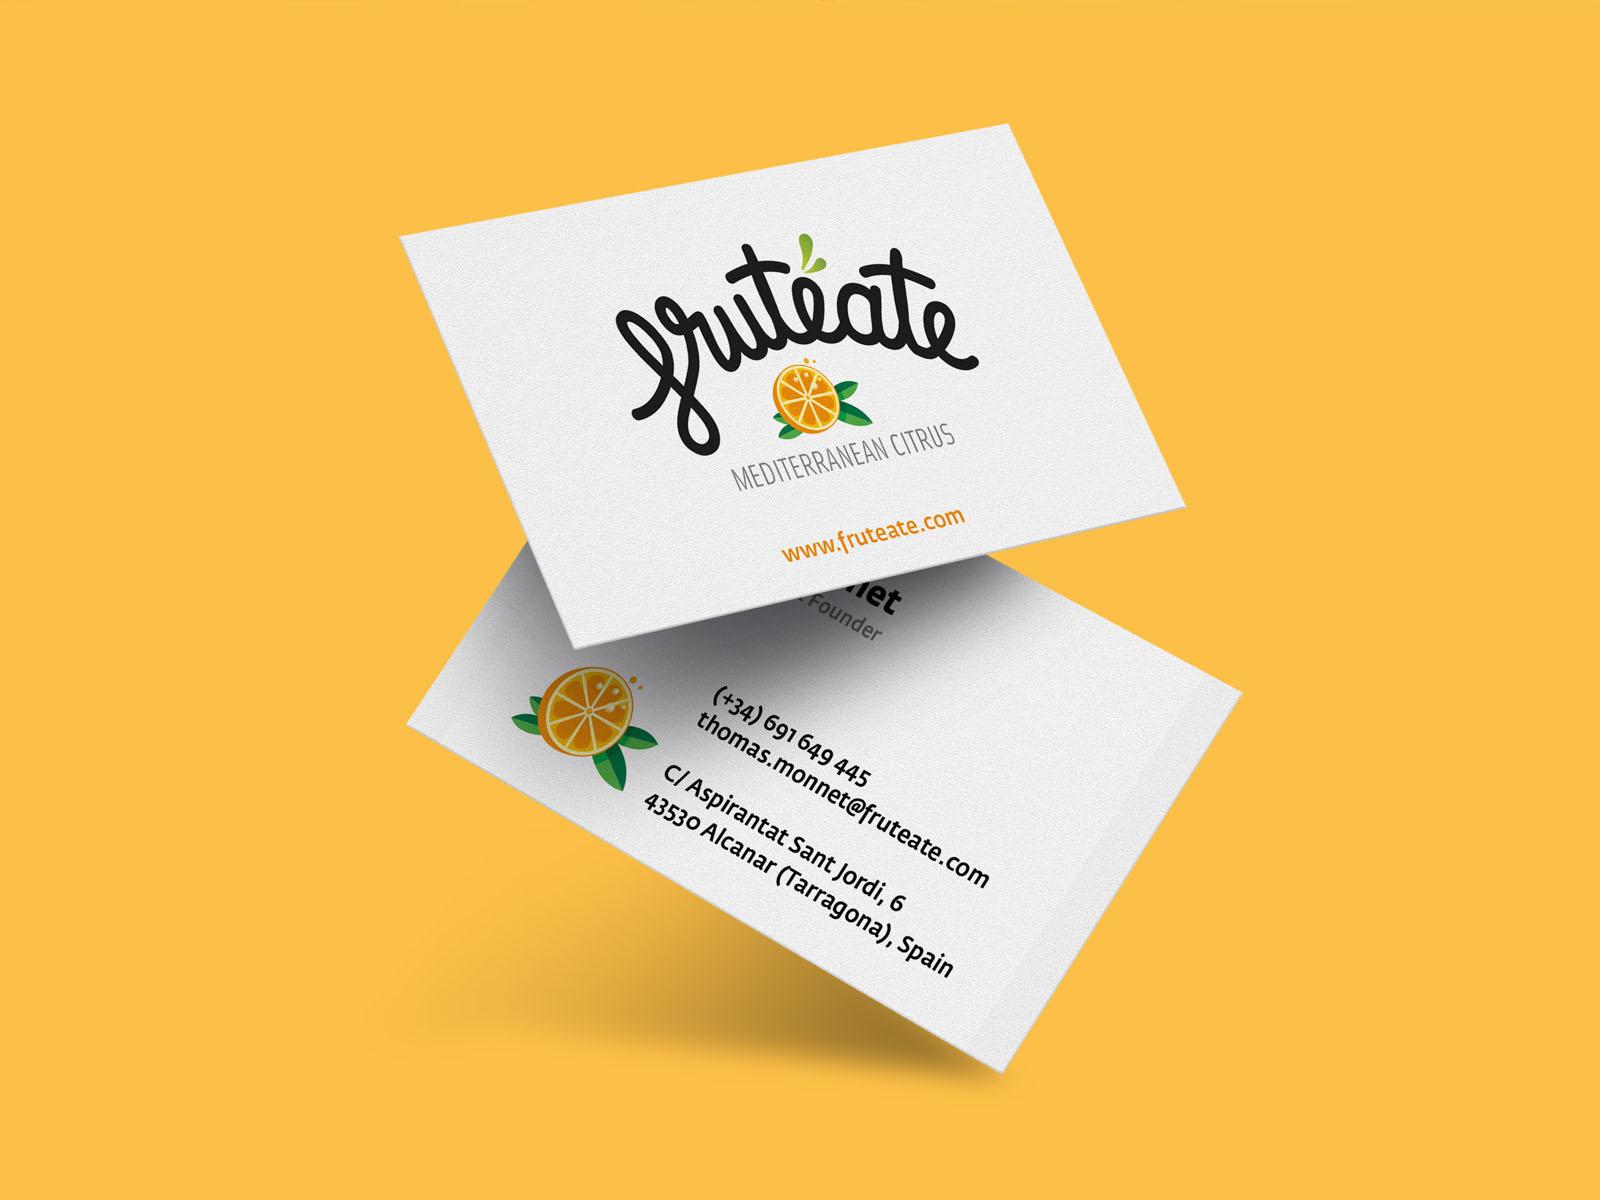 diseño de tarjetas de visita fruteate, logo para empresa de exportación de fruta, naranjas, logotipo, marca fruteate,